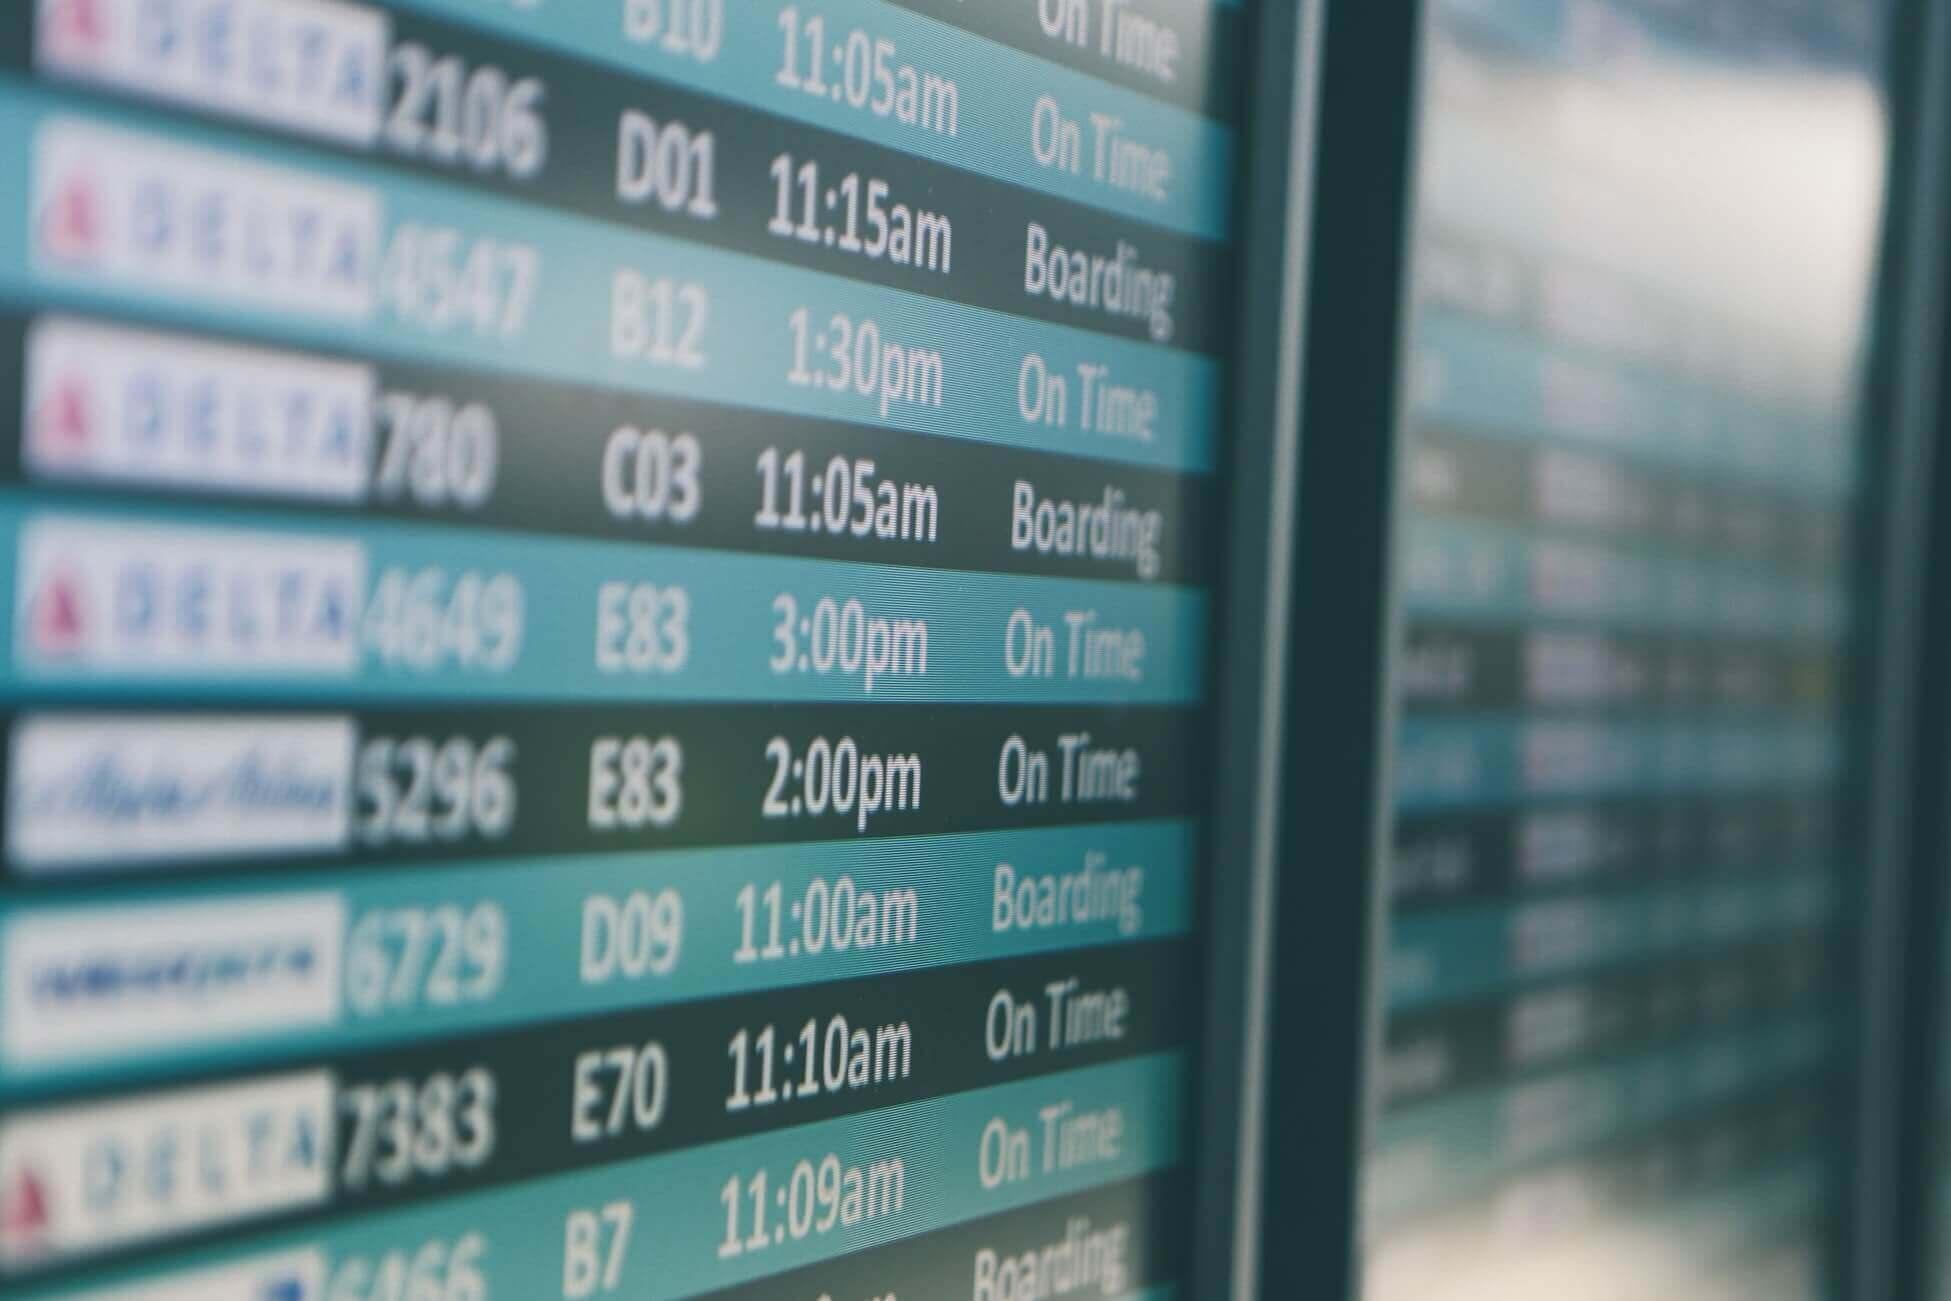 Поясним за новости: почему на табло в Шереметьево есть рейсы за рубеж